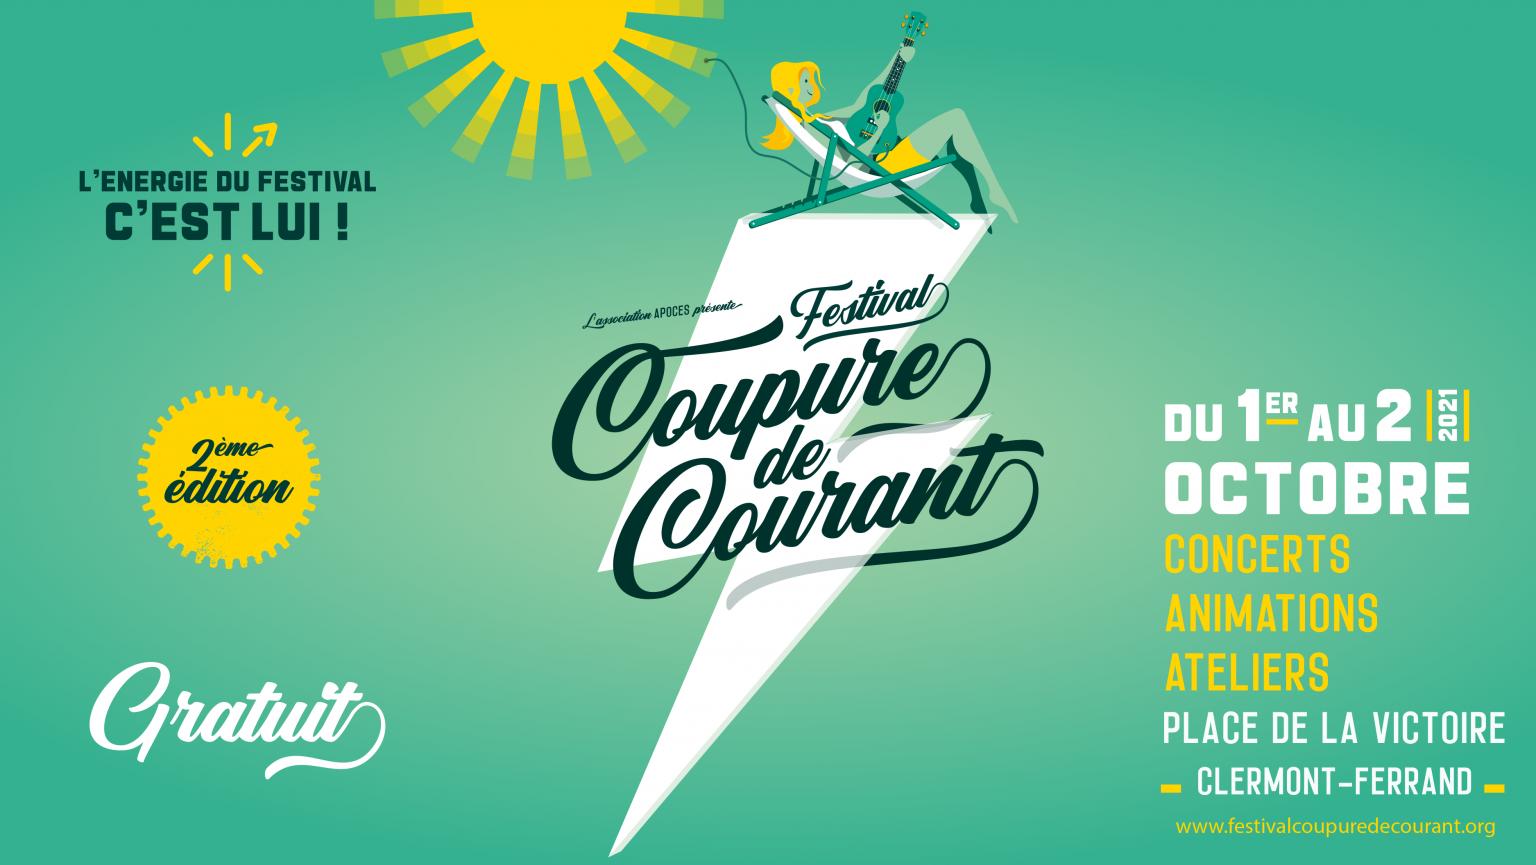 FESTIVAL COUPURE DE COURANT // 2ème édition @ PLACE DE LA VICTOIRE   Clermont-Ferrand   Auvergne-Rhône-Alpes   France